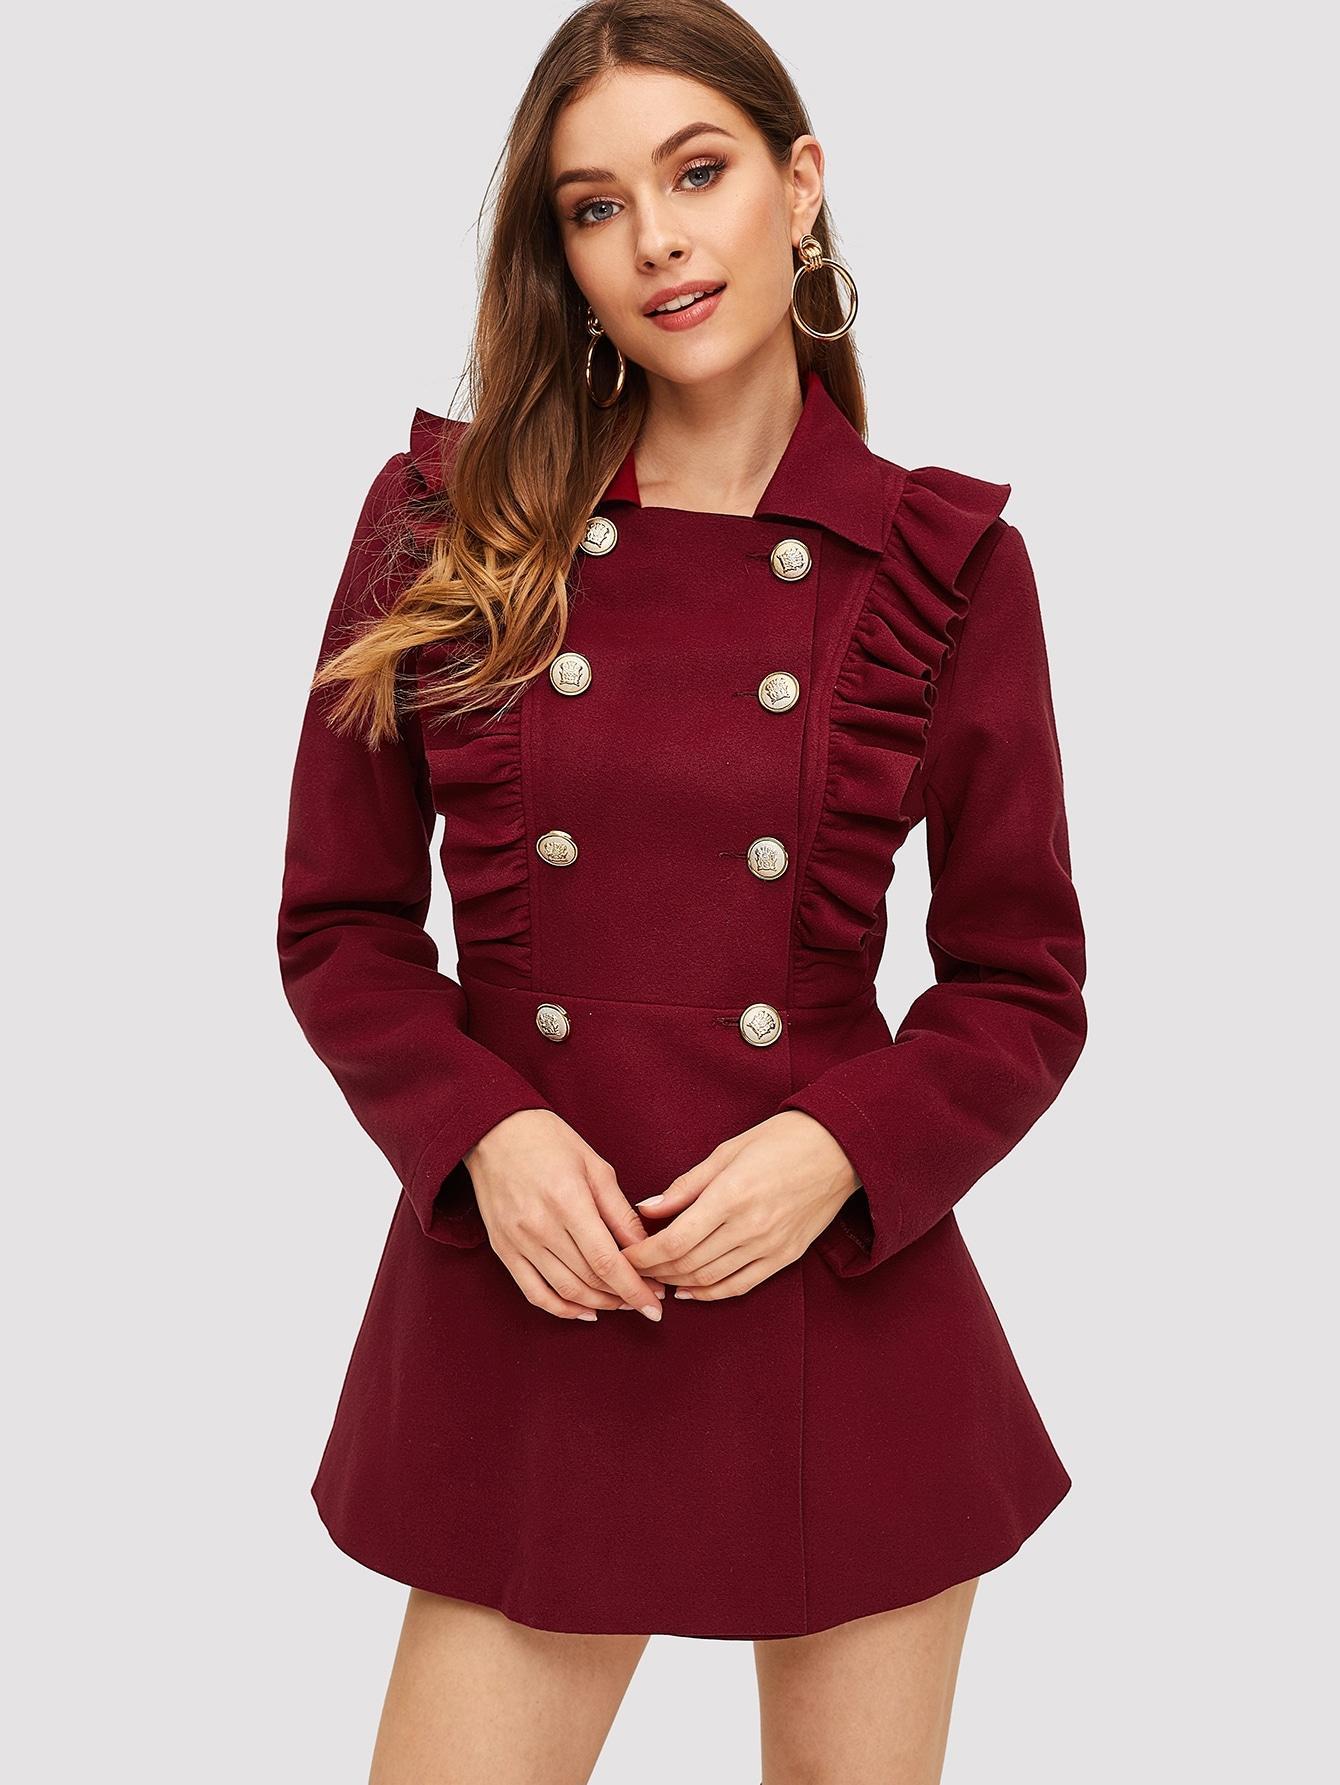 Пальто  Бордовый цвета